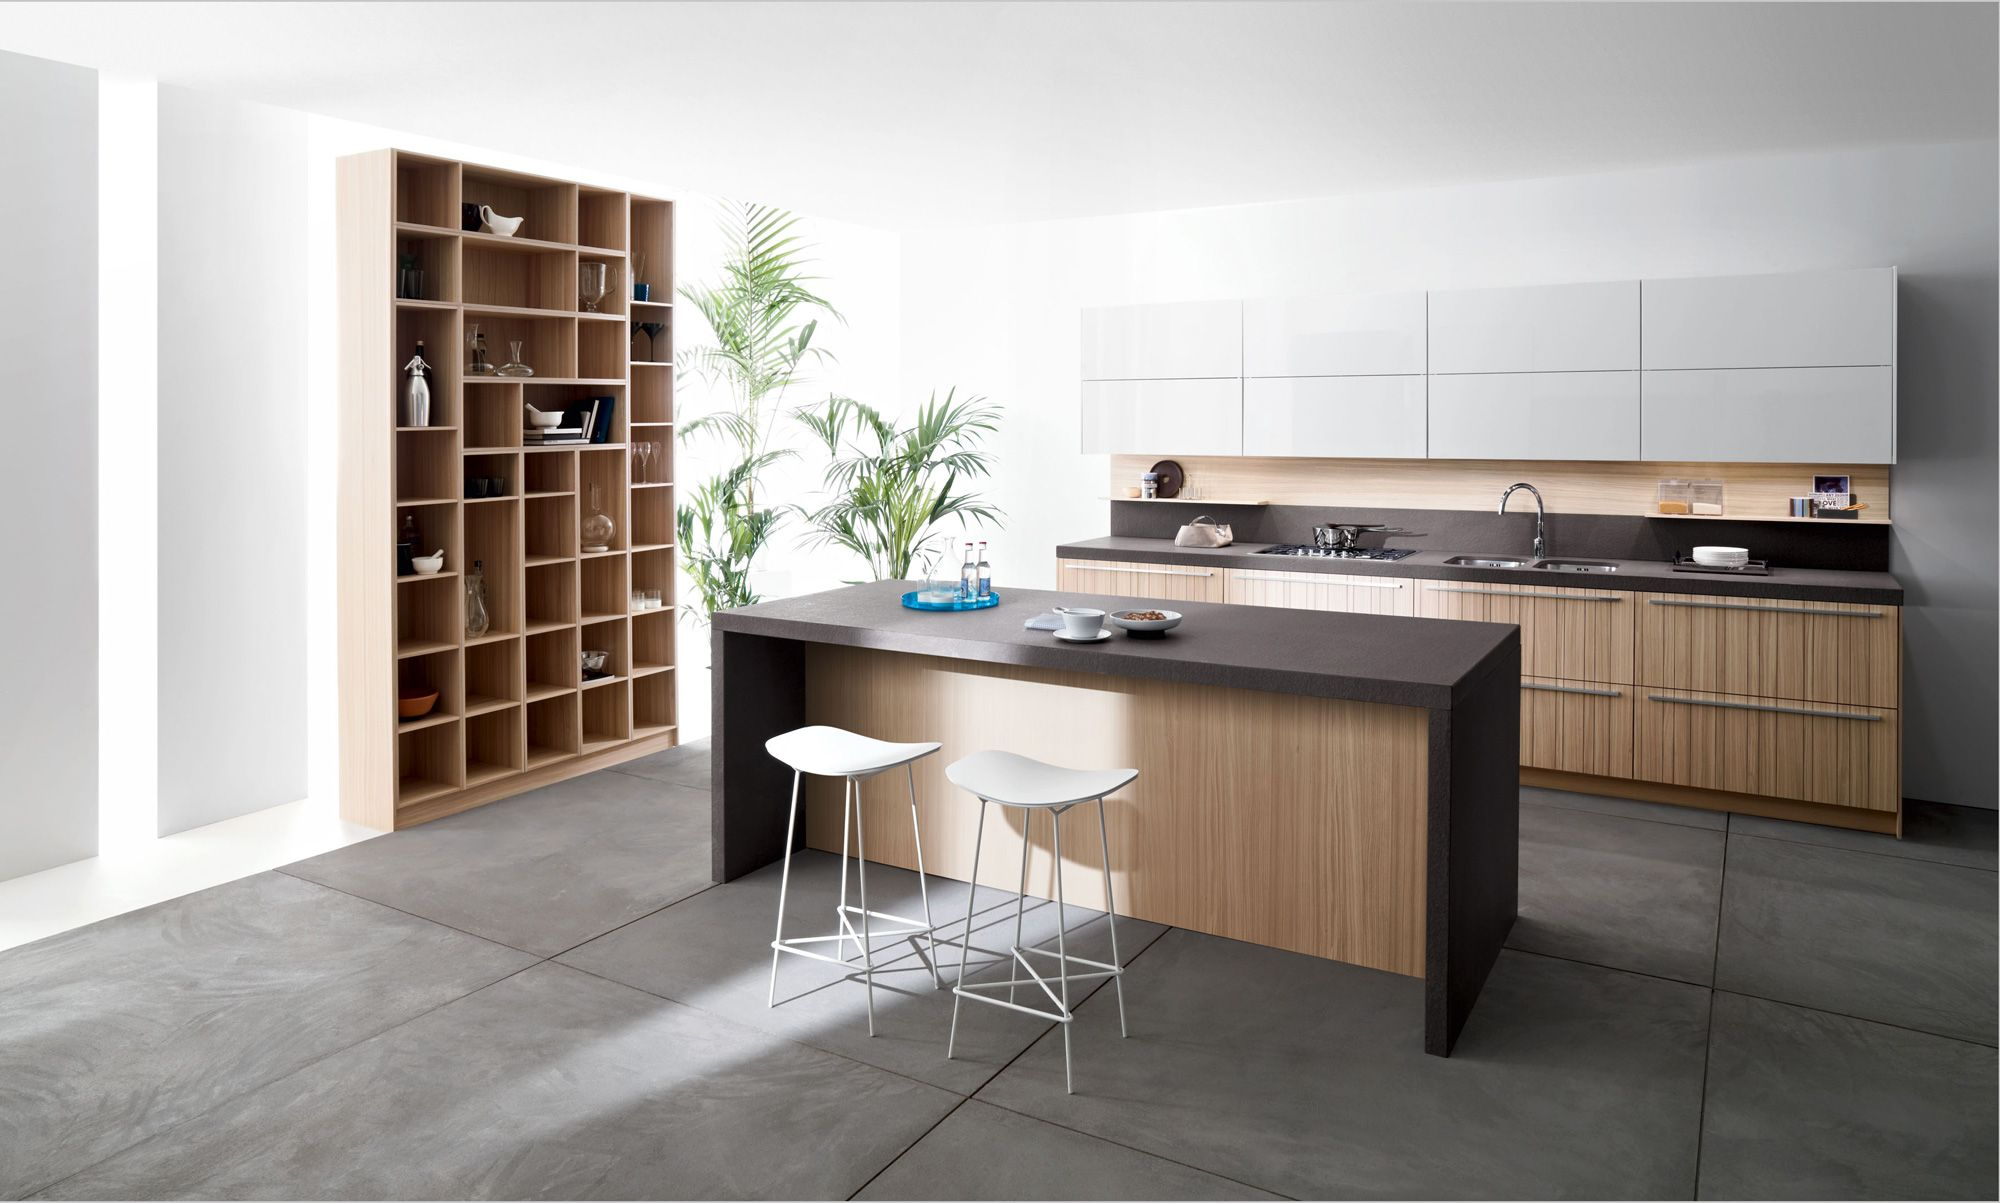 Best modern kitchen design ideas for kitchens neutral